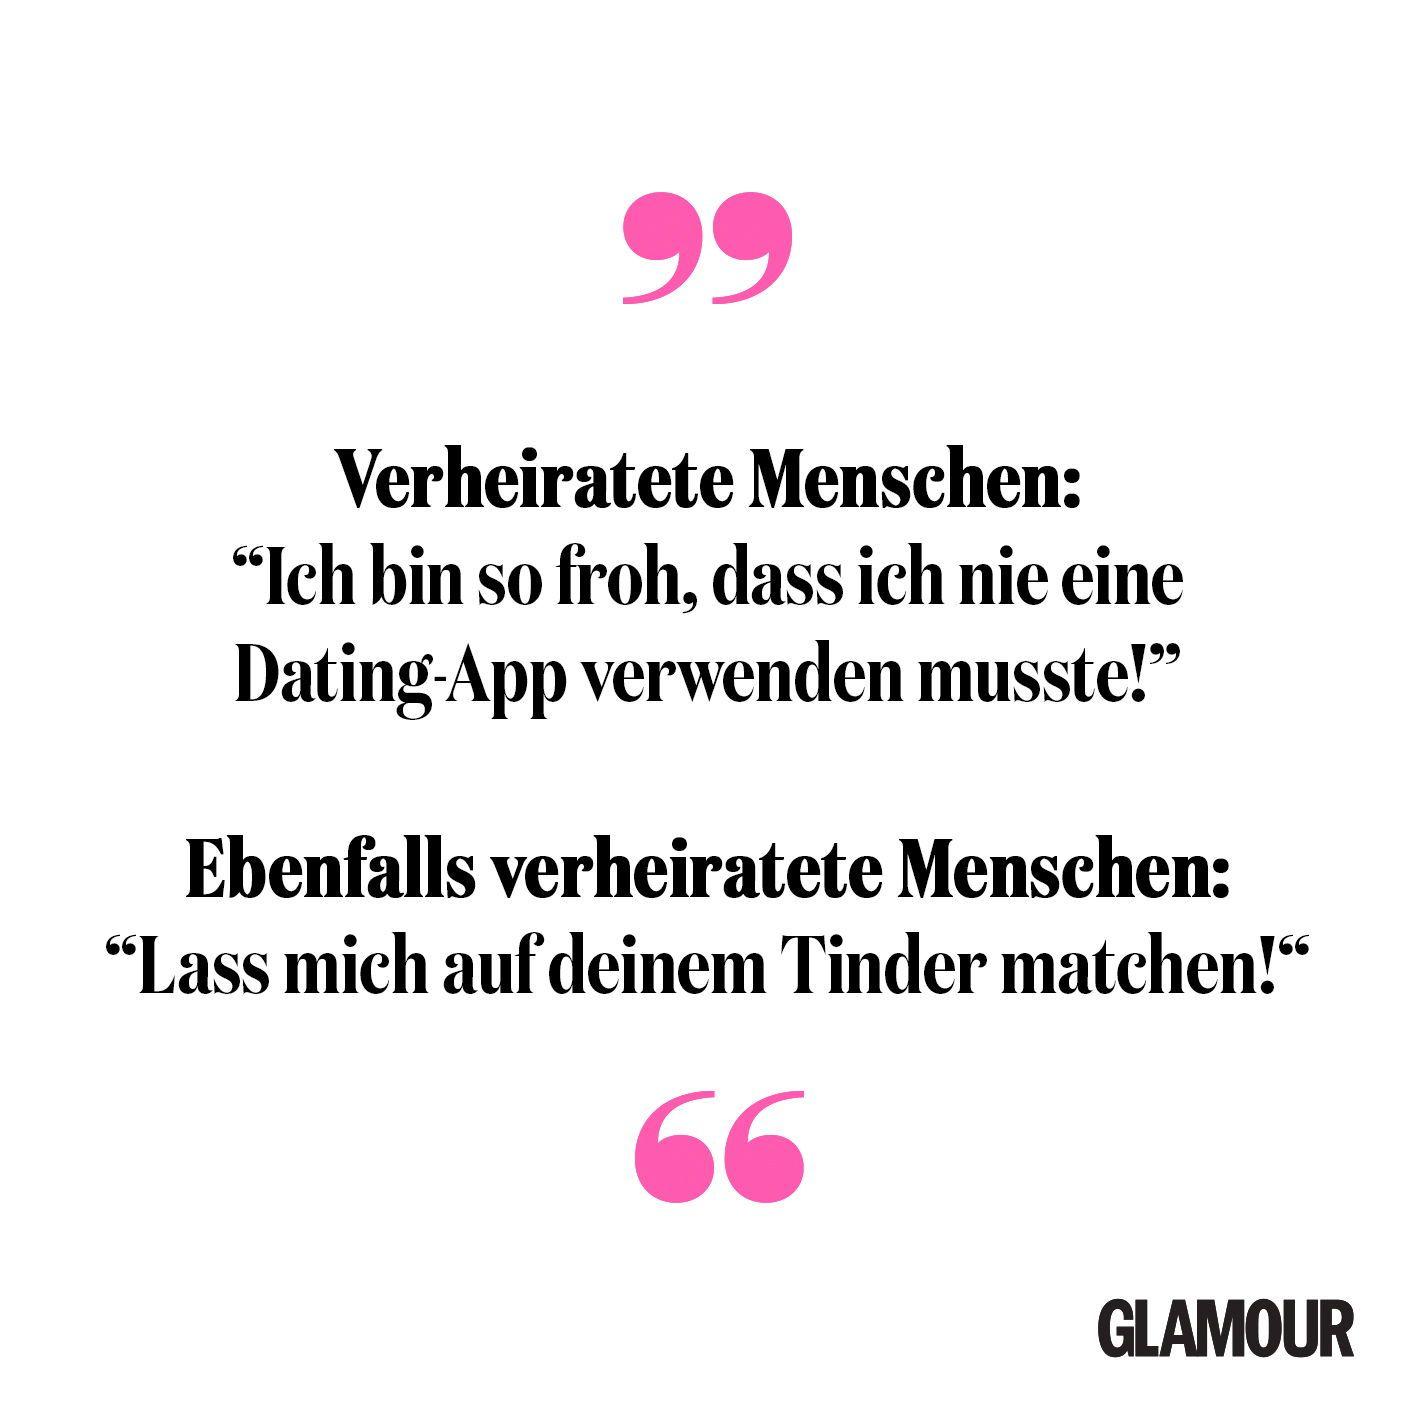 Typisch Tinder Matchen Zitate Spruche Lustig Memes Glamour Zitate Glamour Spruche